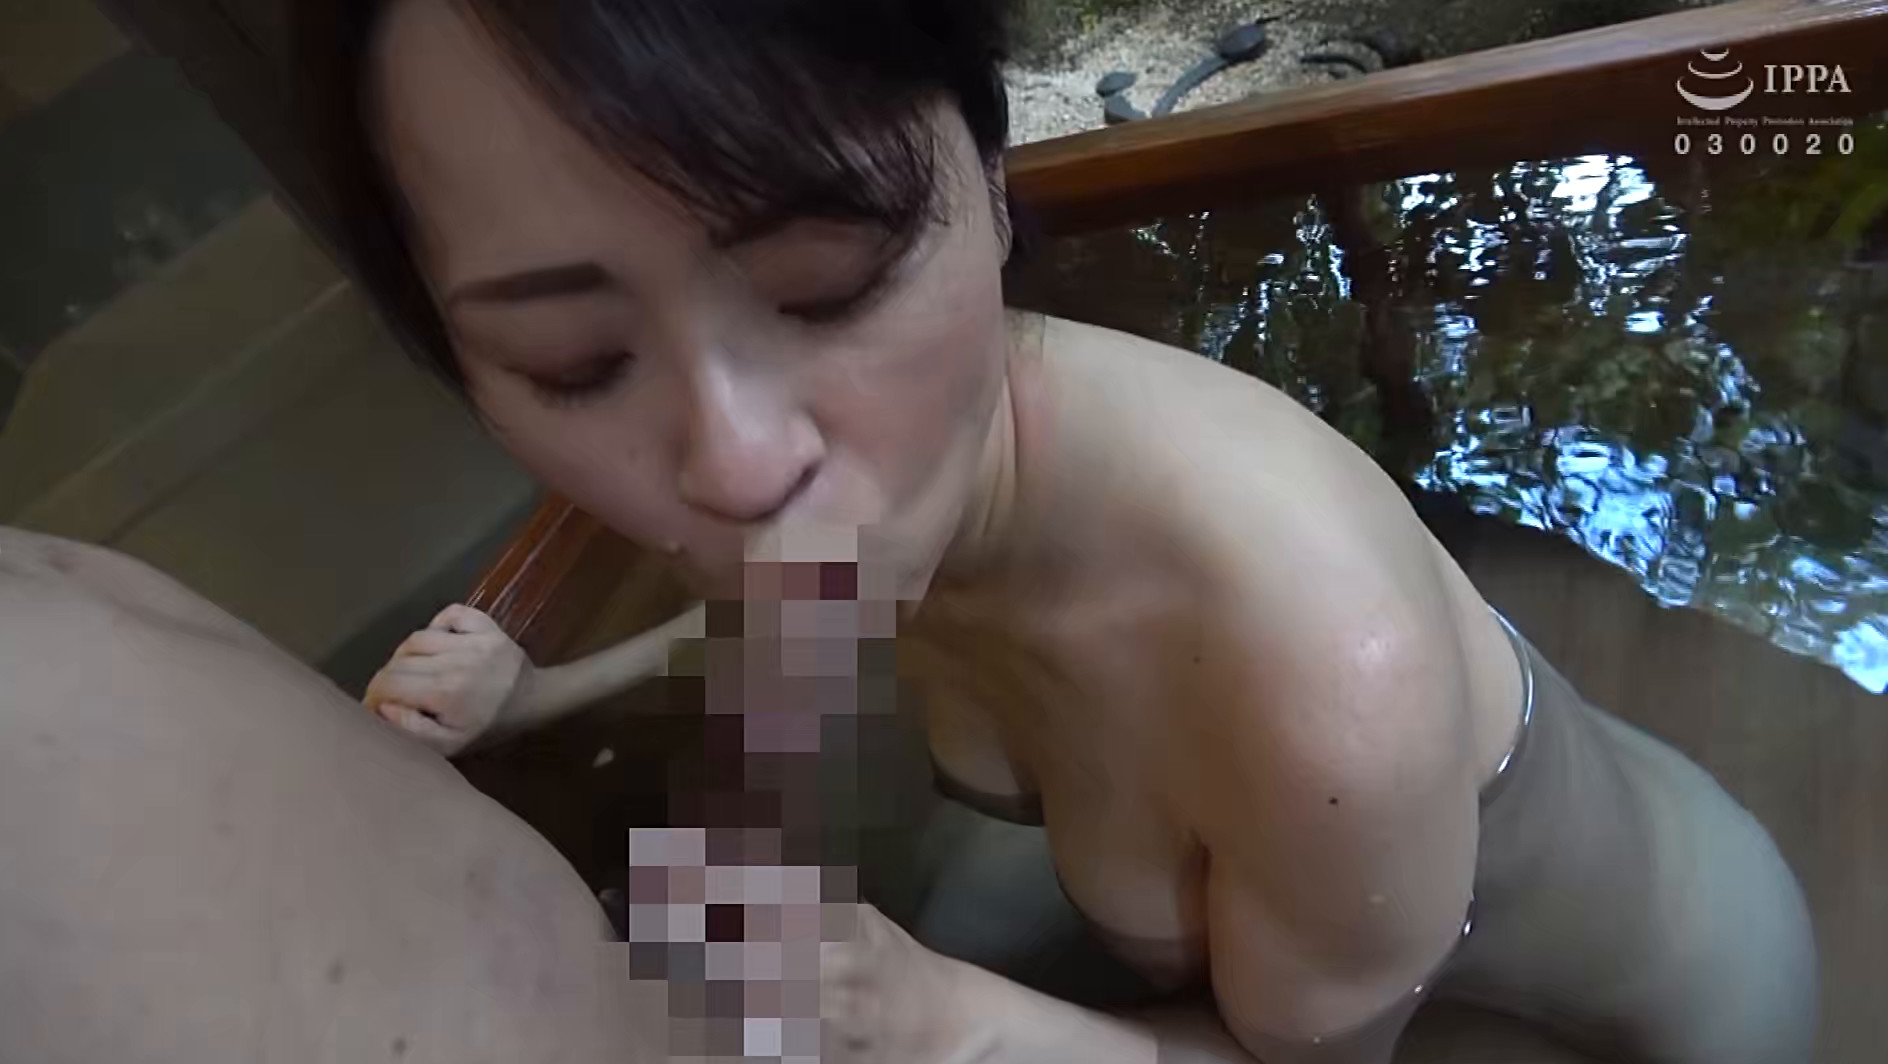 日帰り温泉 熟女色情旅 #026 紗月(仮) 48歳 離婚1回 子供無し,のサンプル画像10